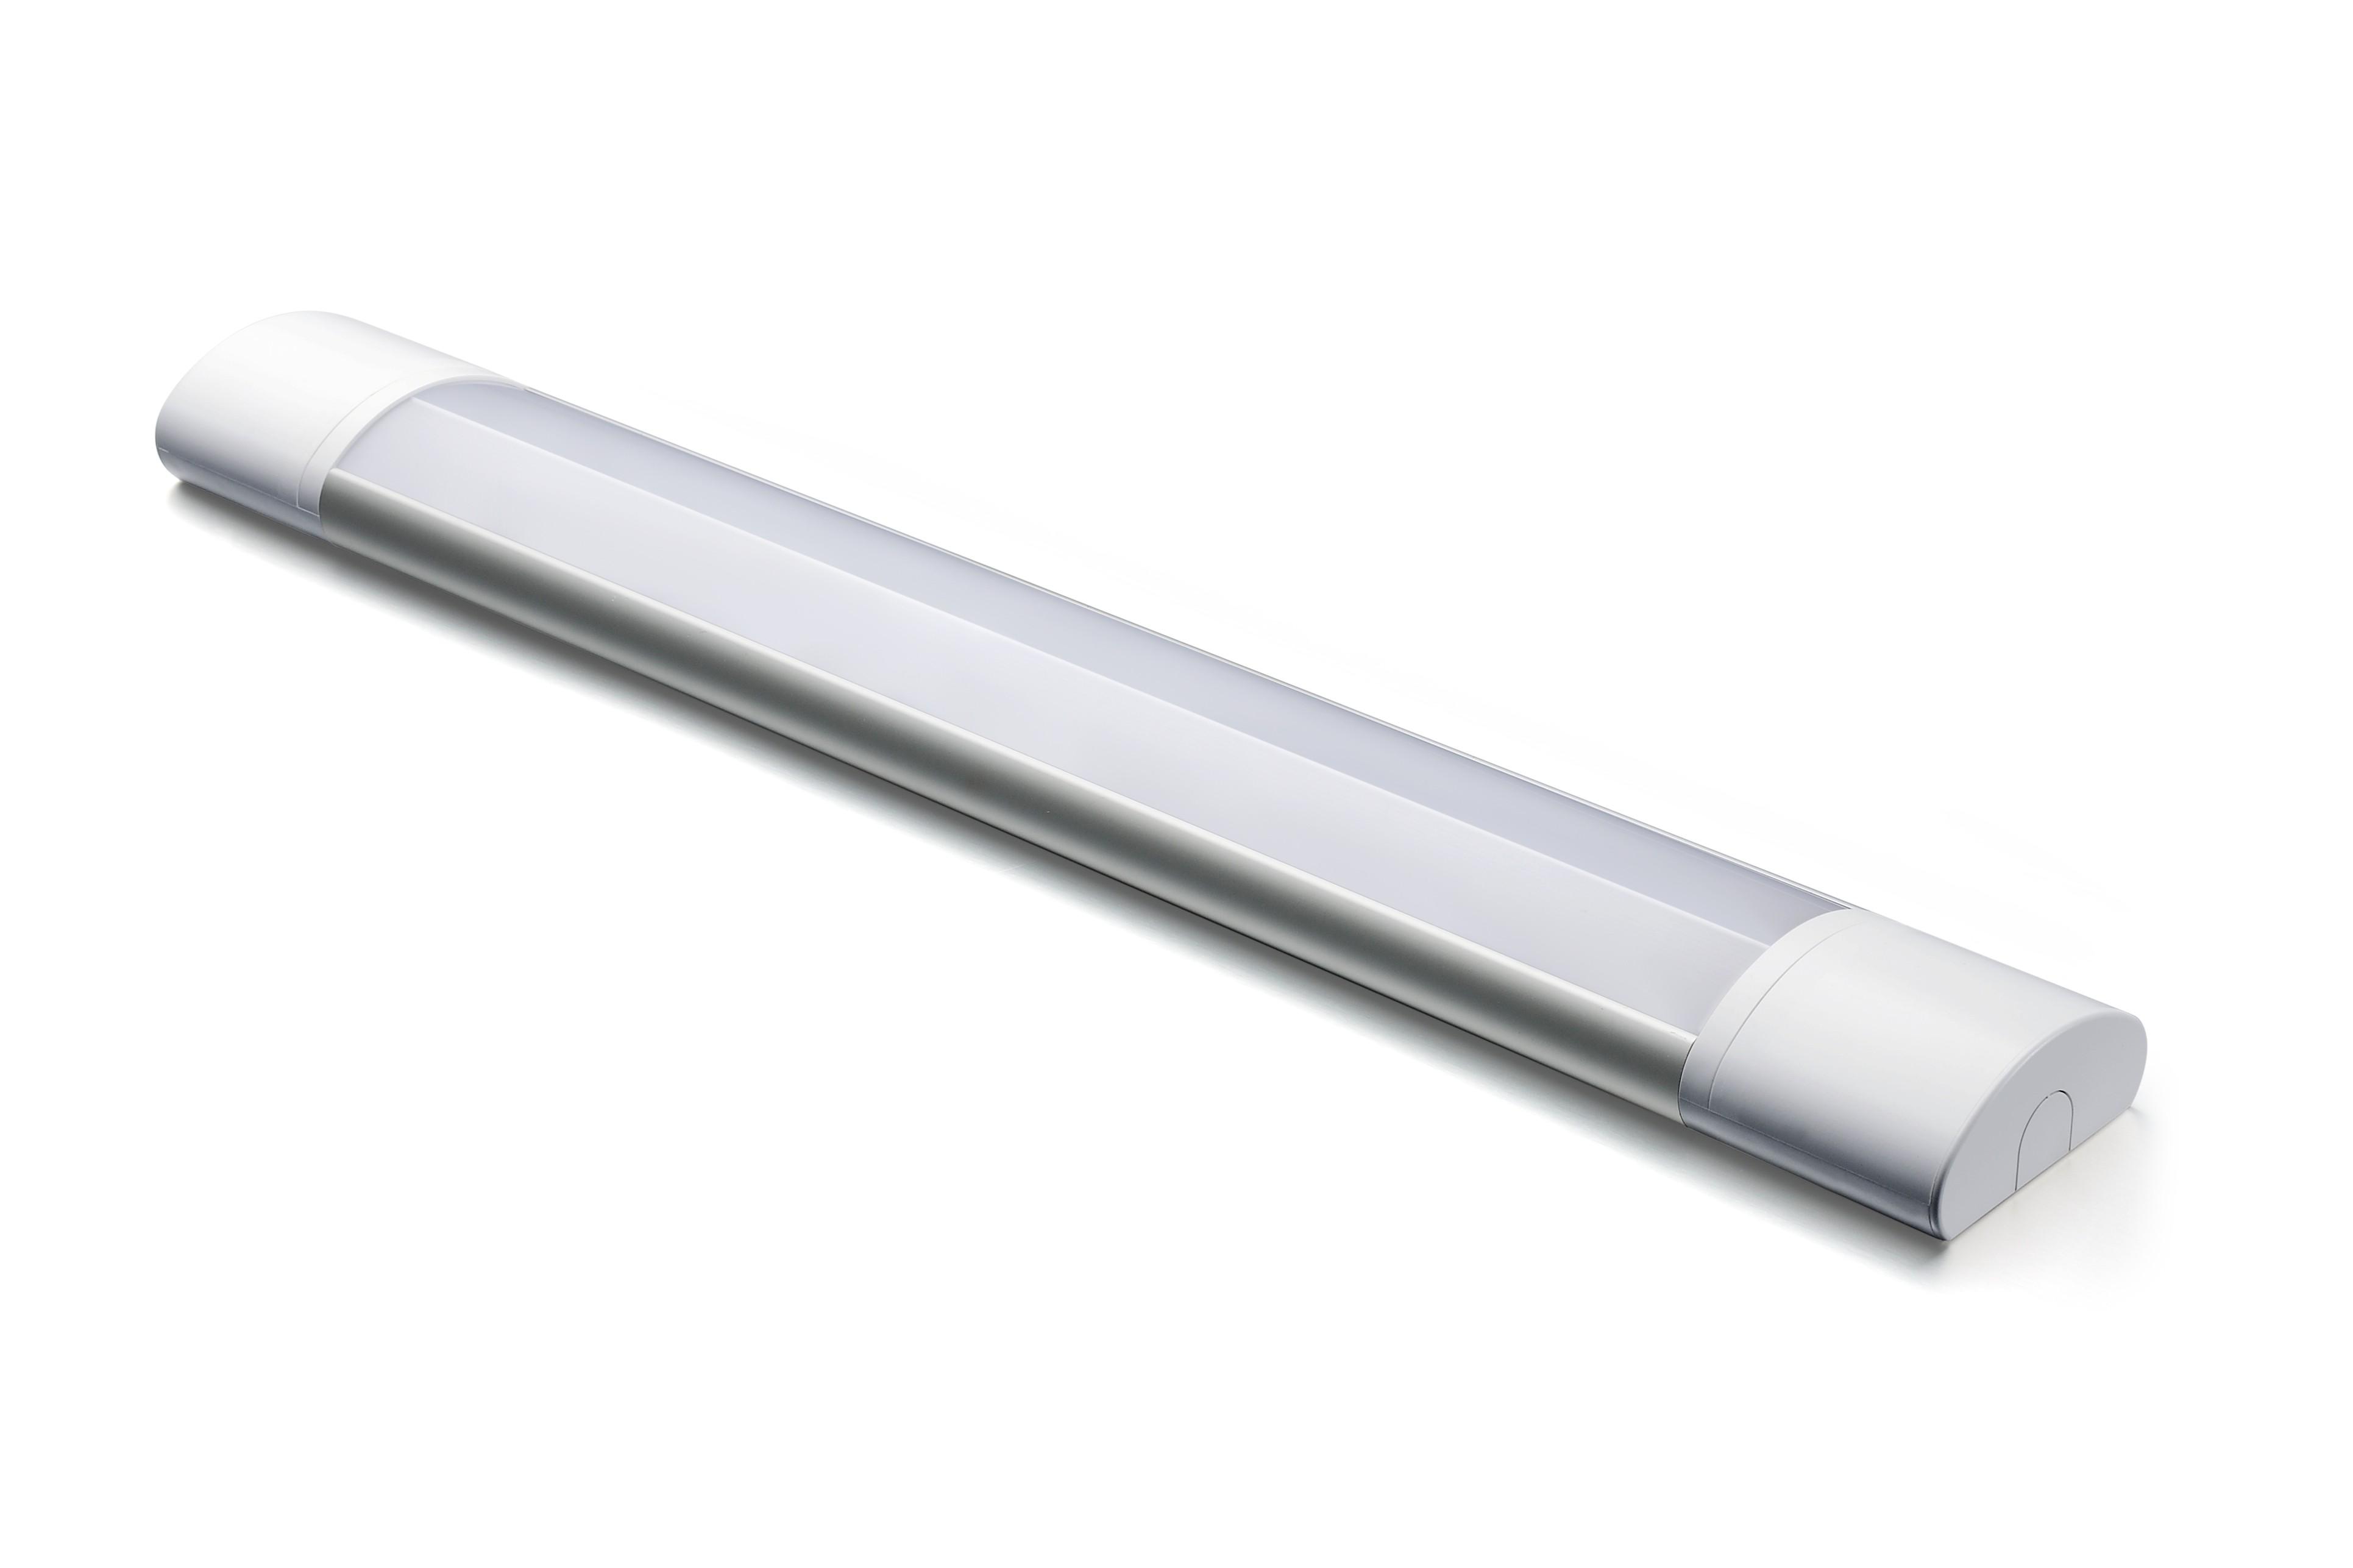 LED SLIMLINE BATTEN - 20W - 3000K-4000K-6000K - SENSOR